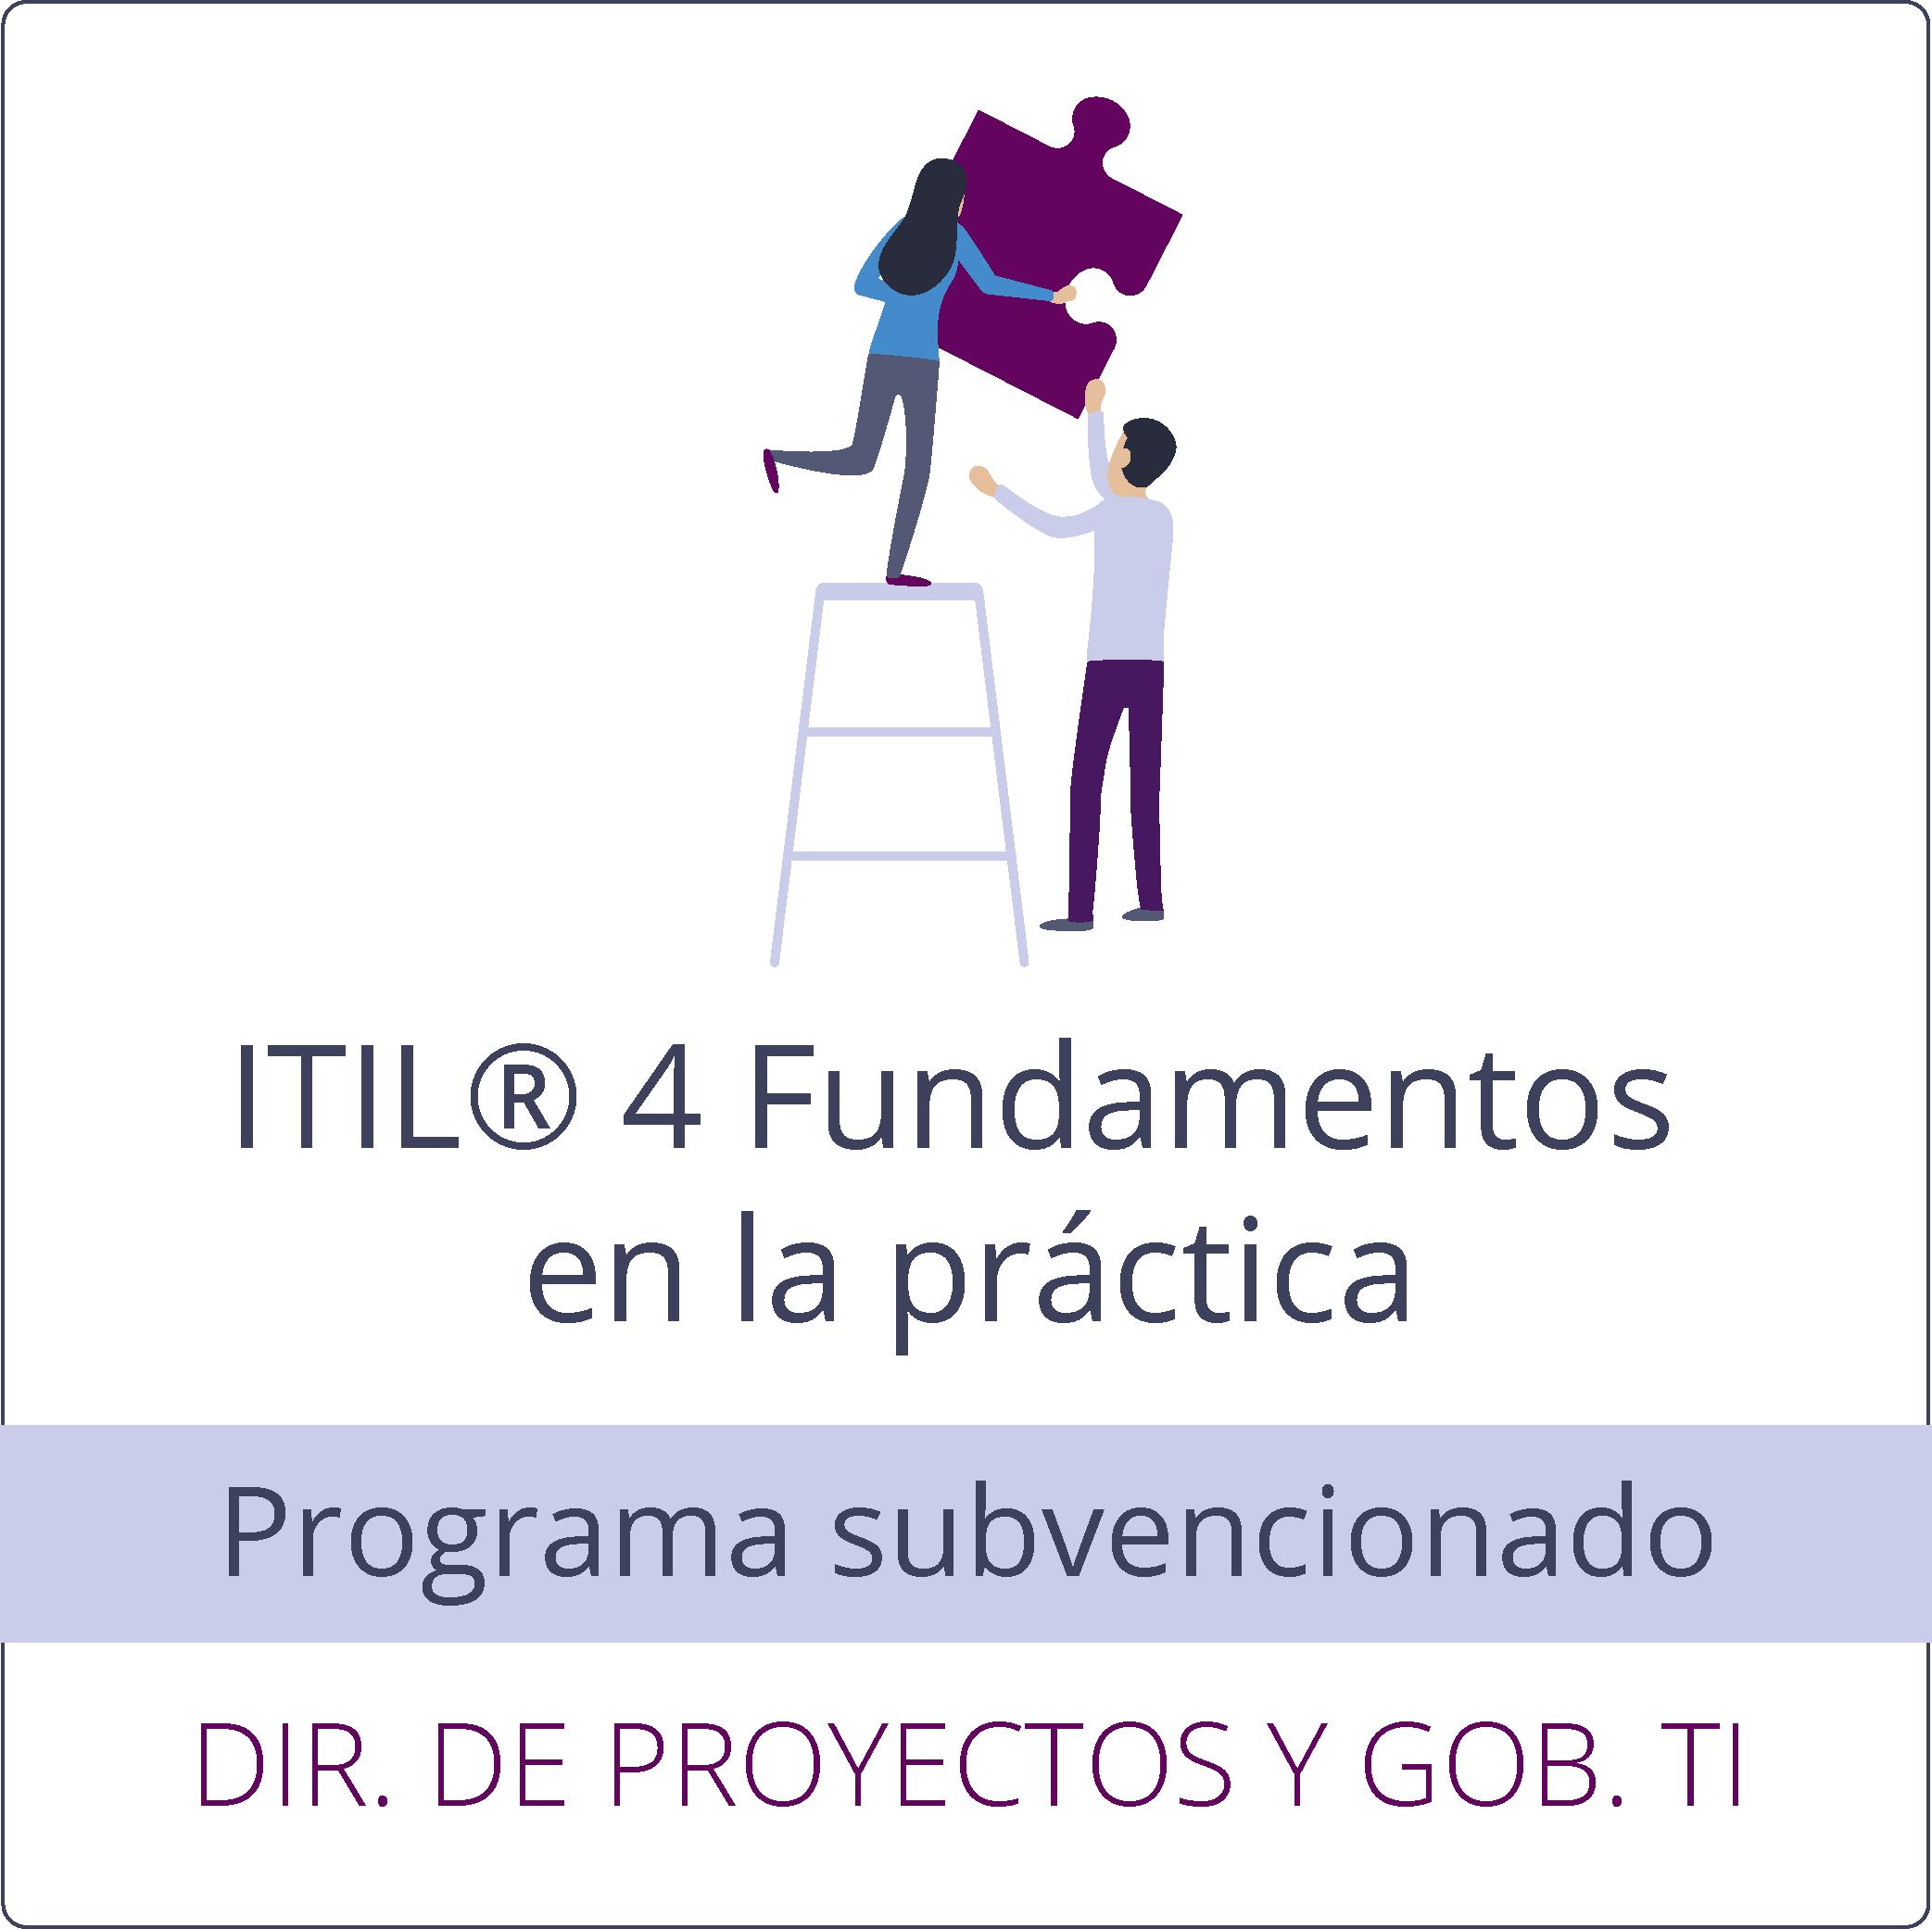 ITIL® 4 Fundamentos en la práctica (gratuito)